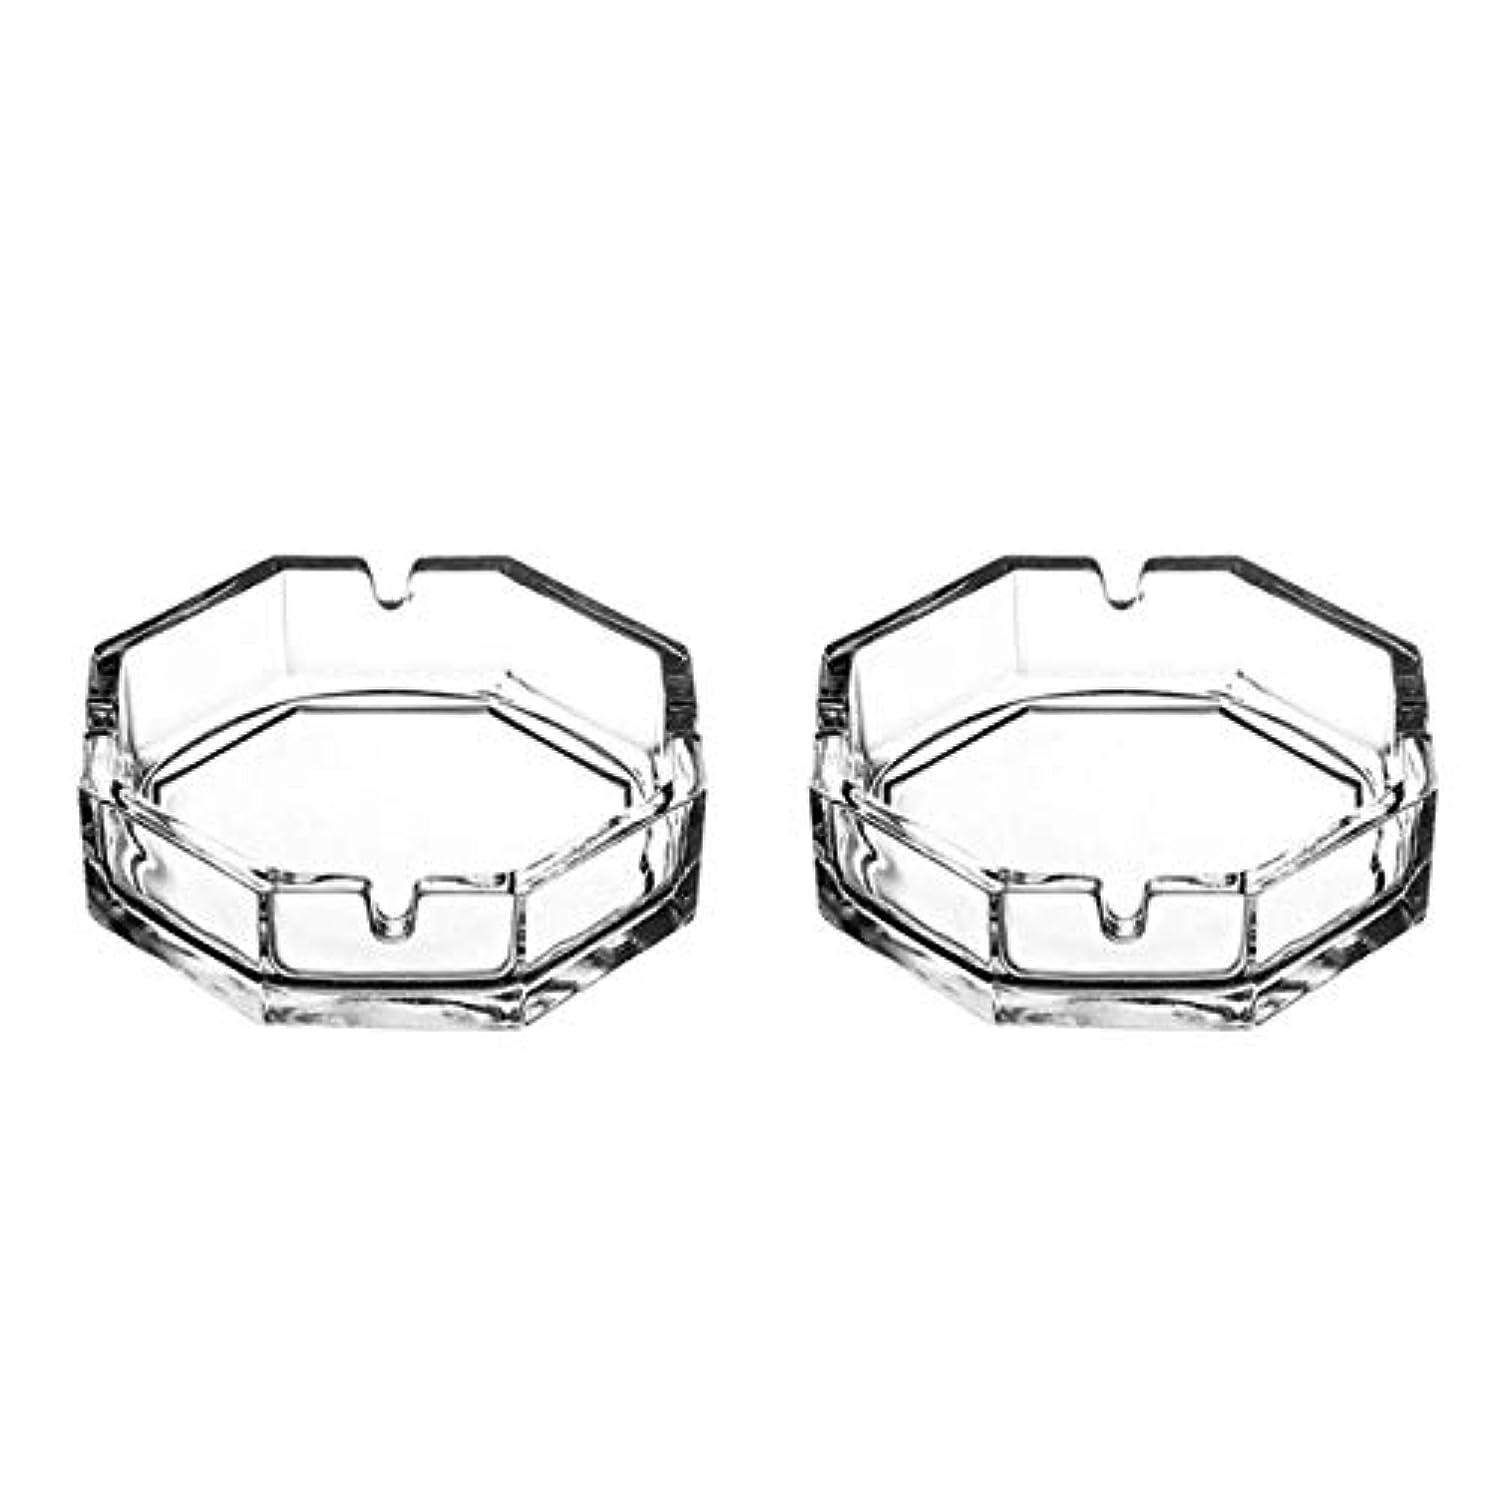 値与える固有の八角形のガラスタバコの灰皿(2パック)